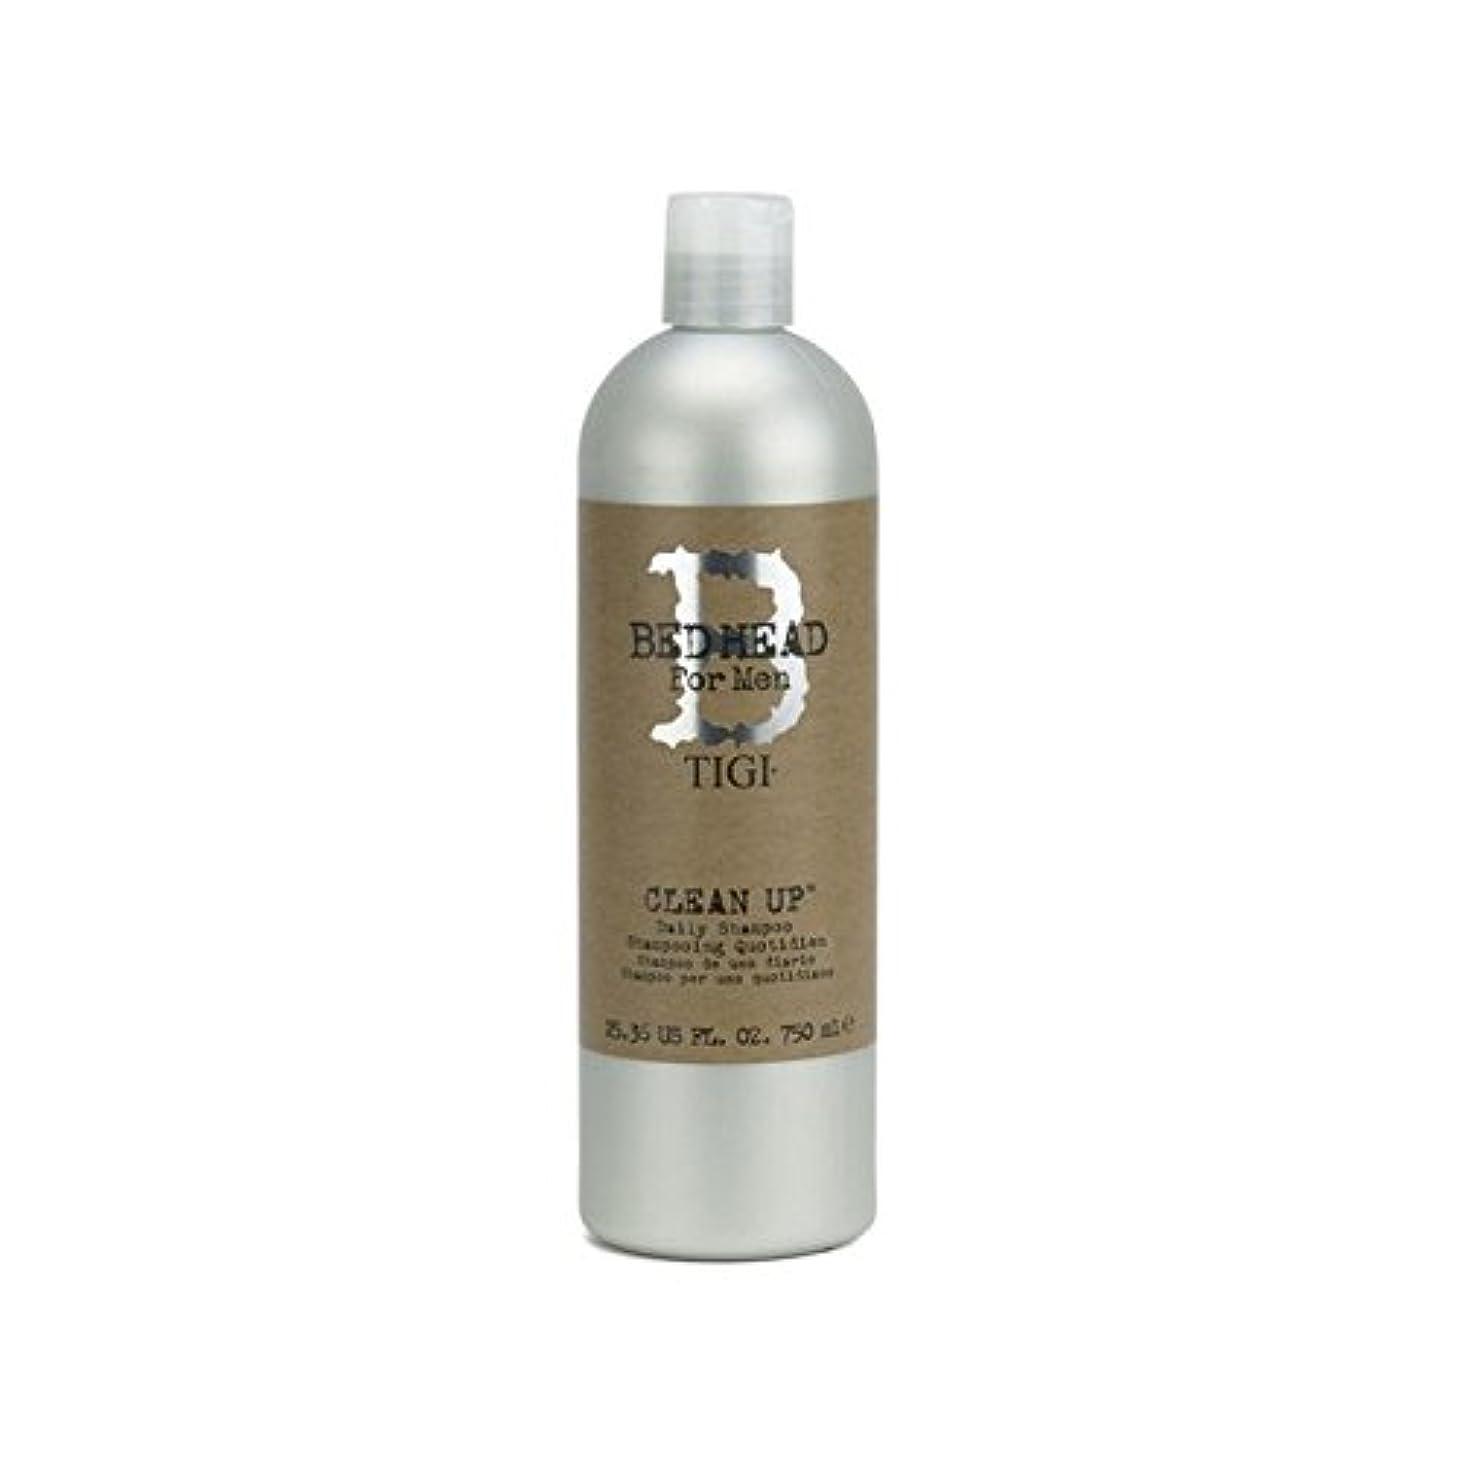 スキニーエゴイズム適応Tigi Bed Head For Men Clean Up Daily Shampoo (750ml) (Pack of 6) - 毎日シャンプーをクリーンアップする男性のためのティジーベッドヘッド(750ミリリットル) x6 [並行輸入品]